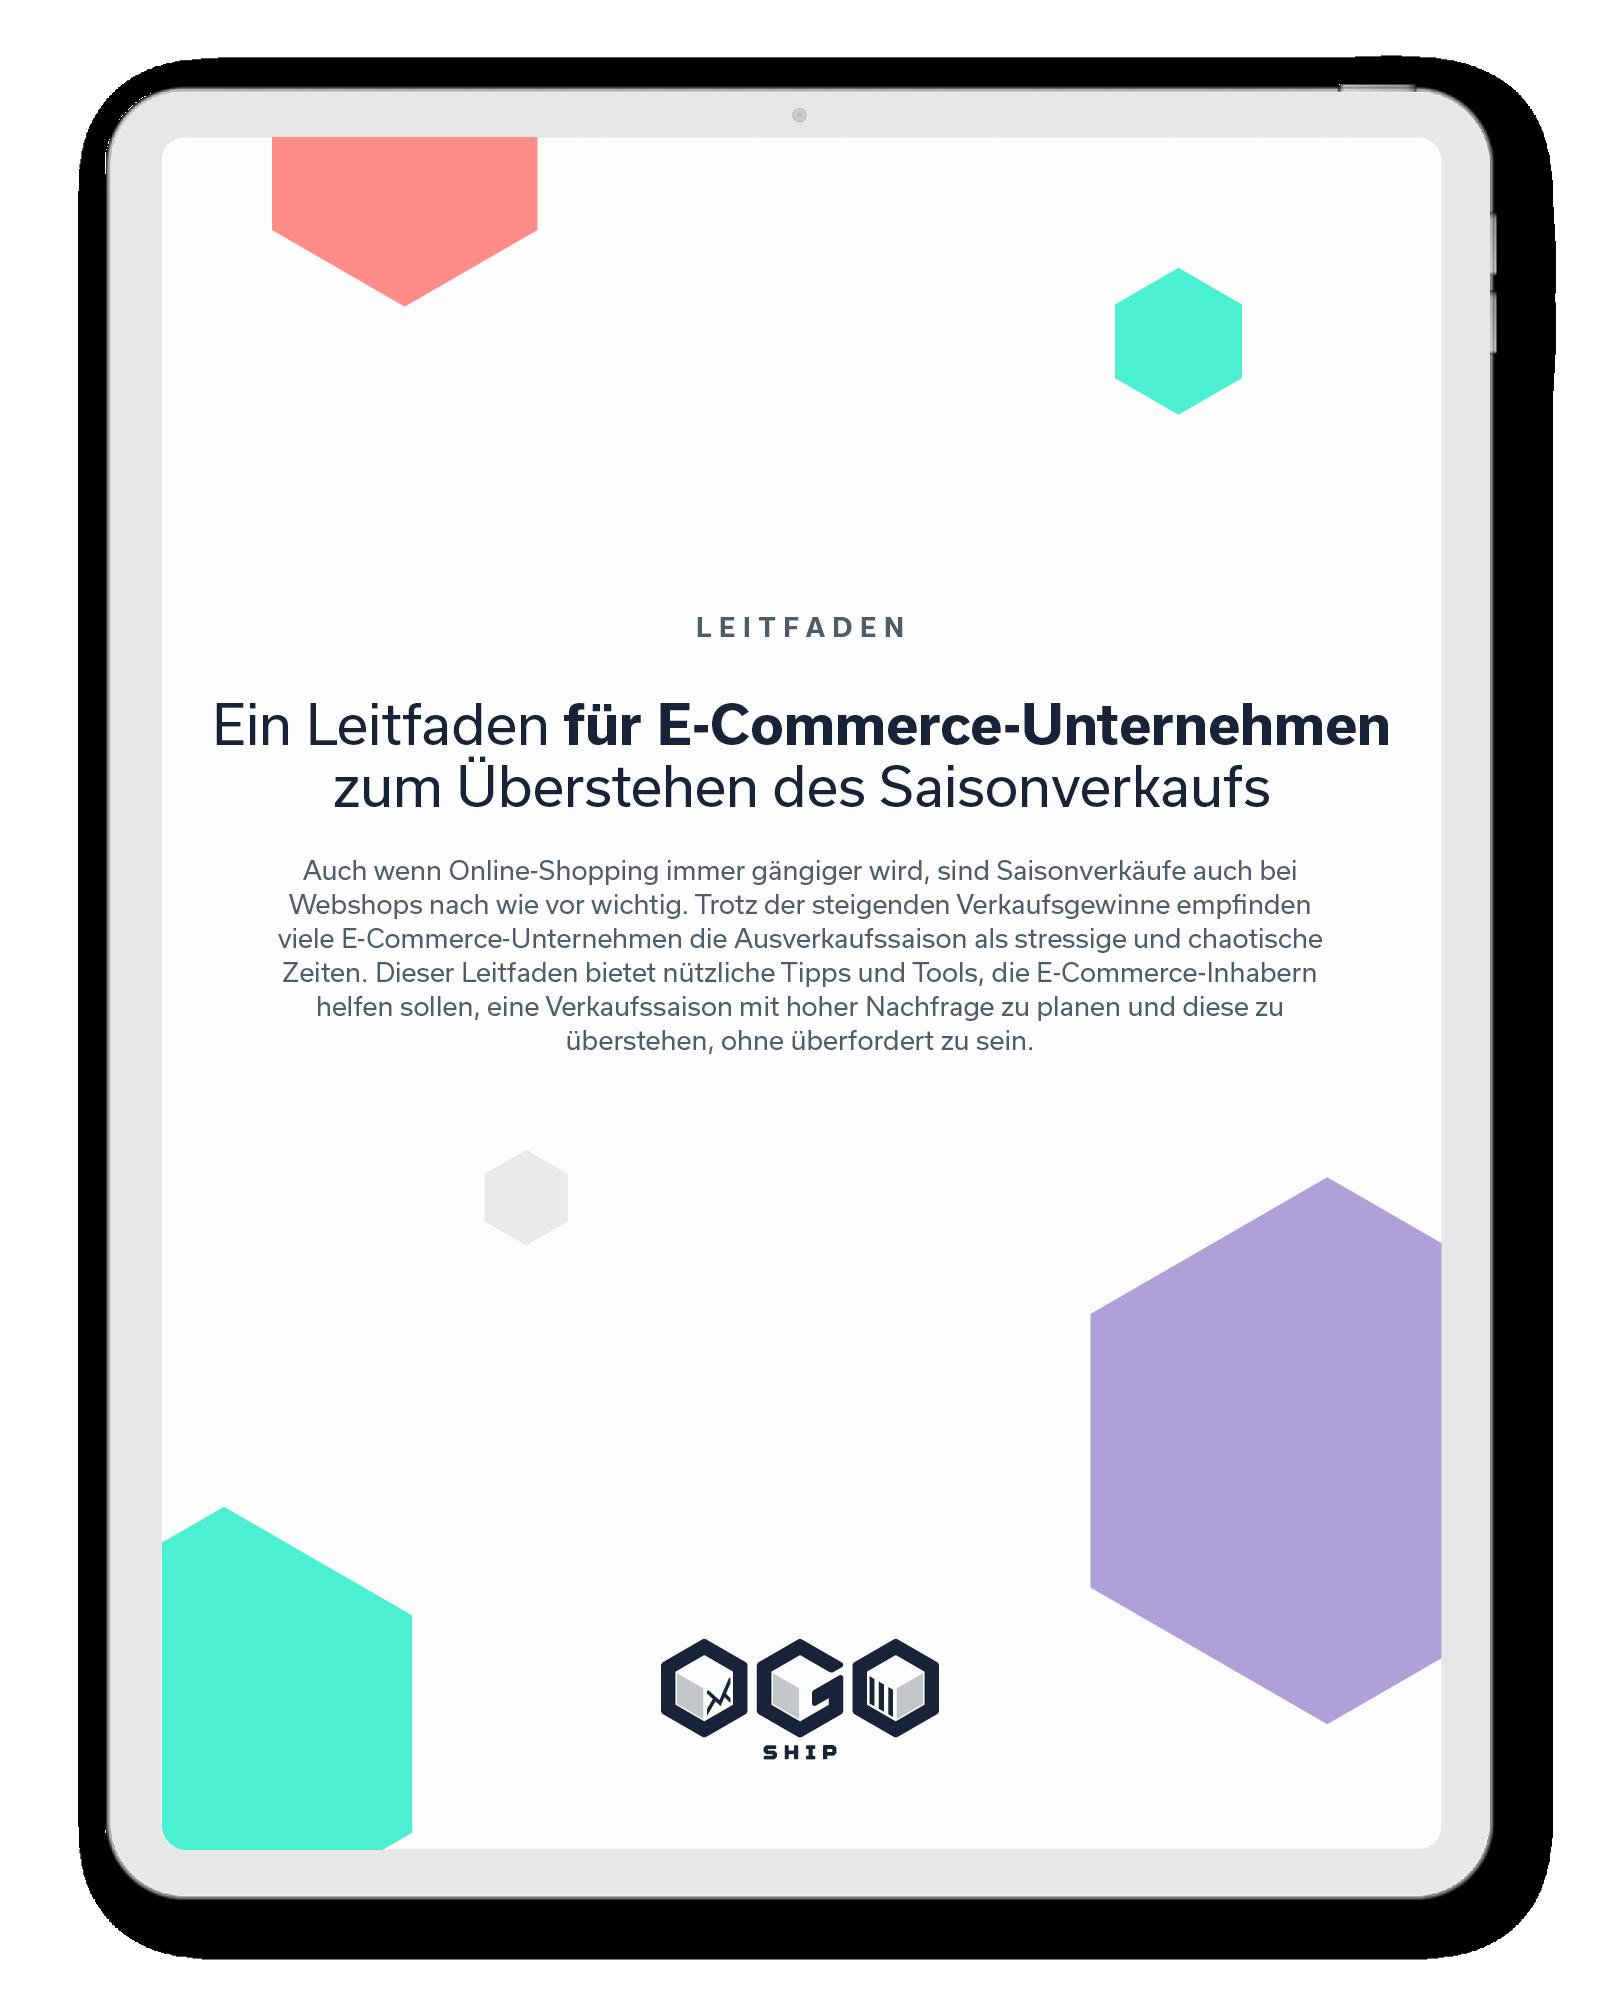 ein-leitfaden-fur-e-commerce-unternehmen-zum-uberstehen-des-saisonverkaufs